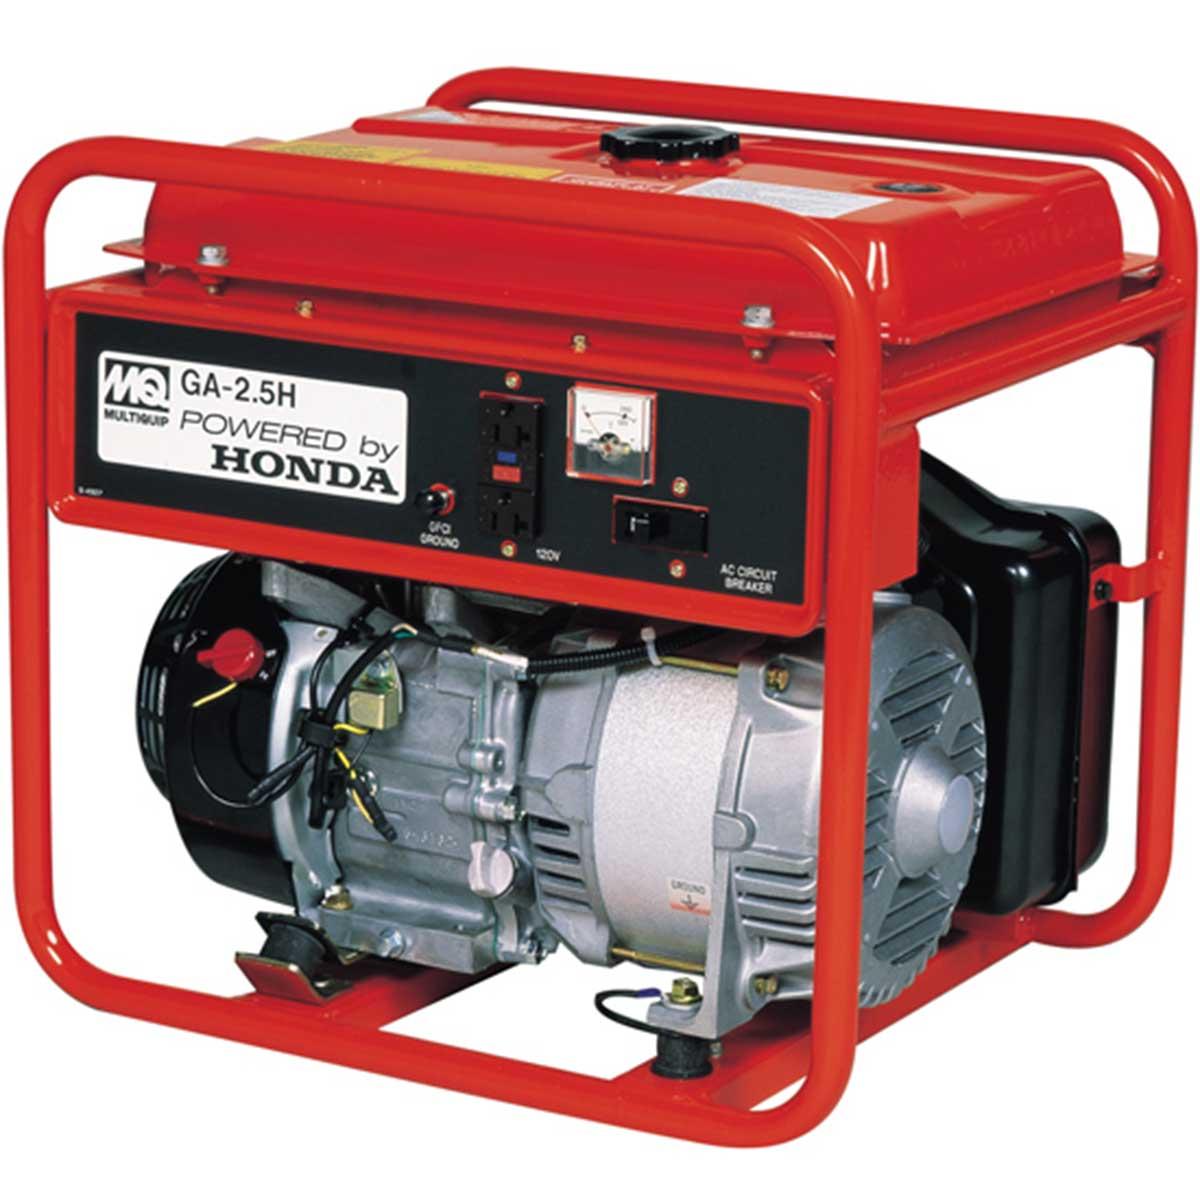 honda portable generators. Unique Generators Multiquip 55hp Portable Generator 2500 Watt On Honda Portable Generators T